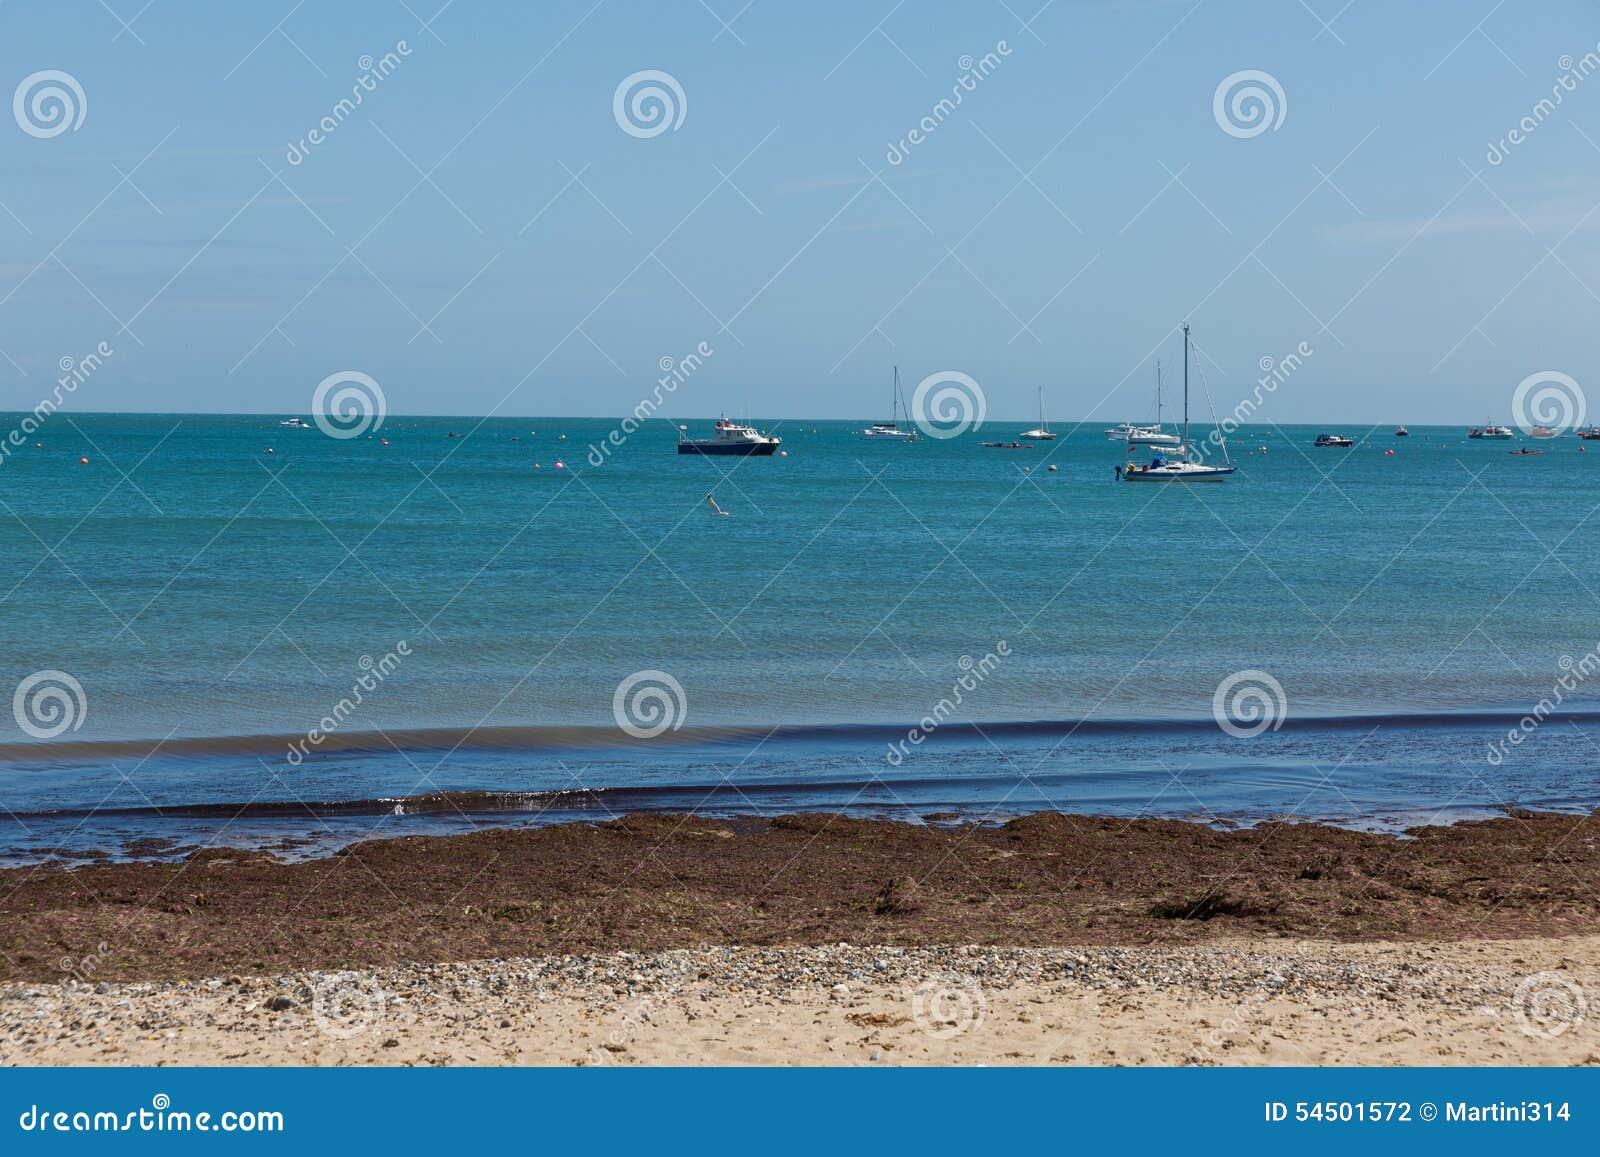 Une photo prise une journée de printemps à la plage de Swanage regardant vers les bateaux sur la mer